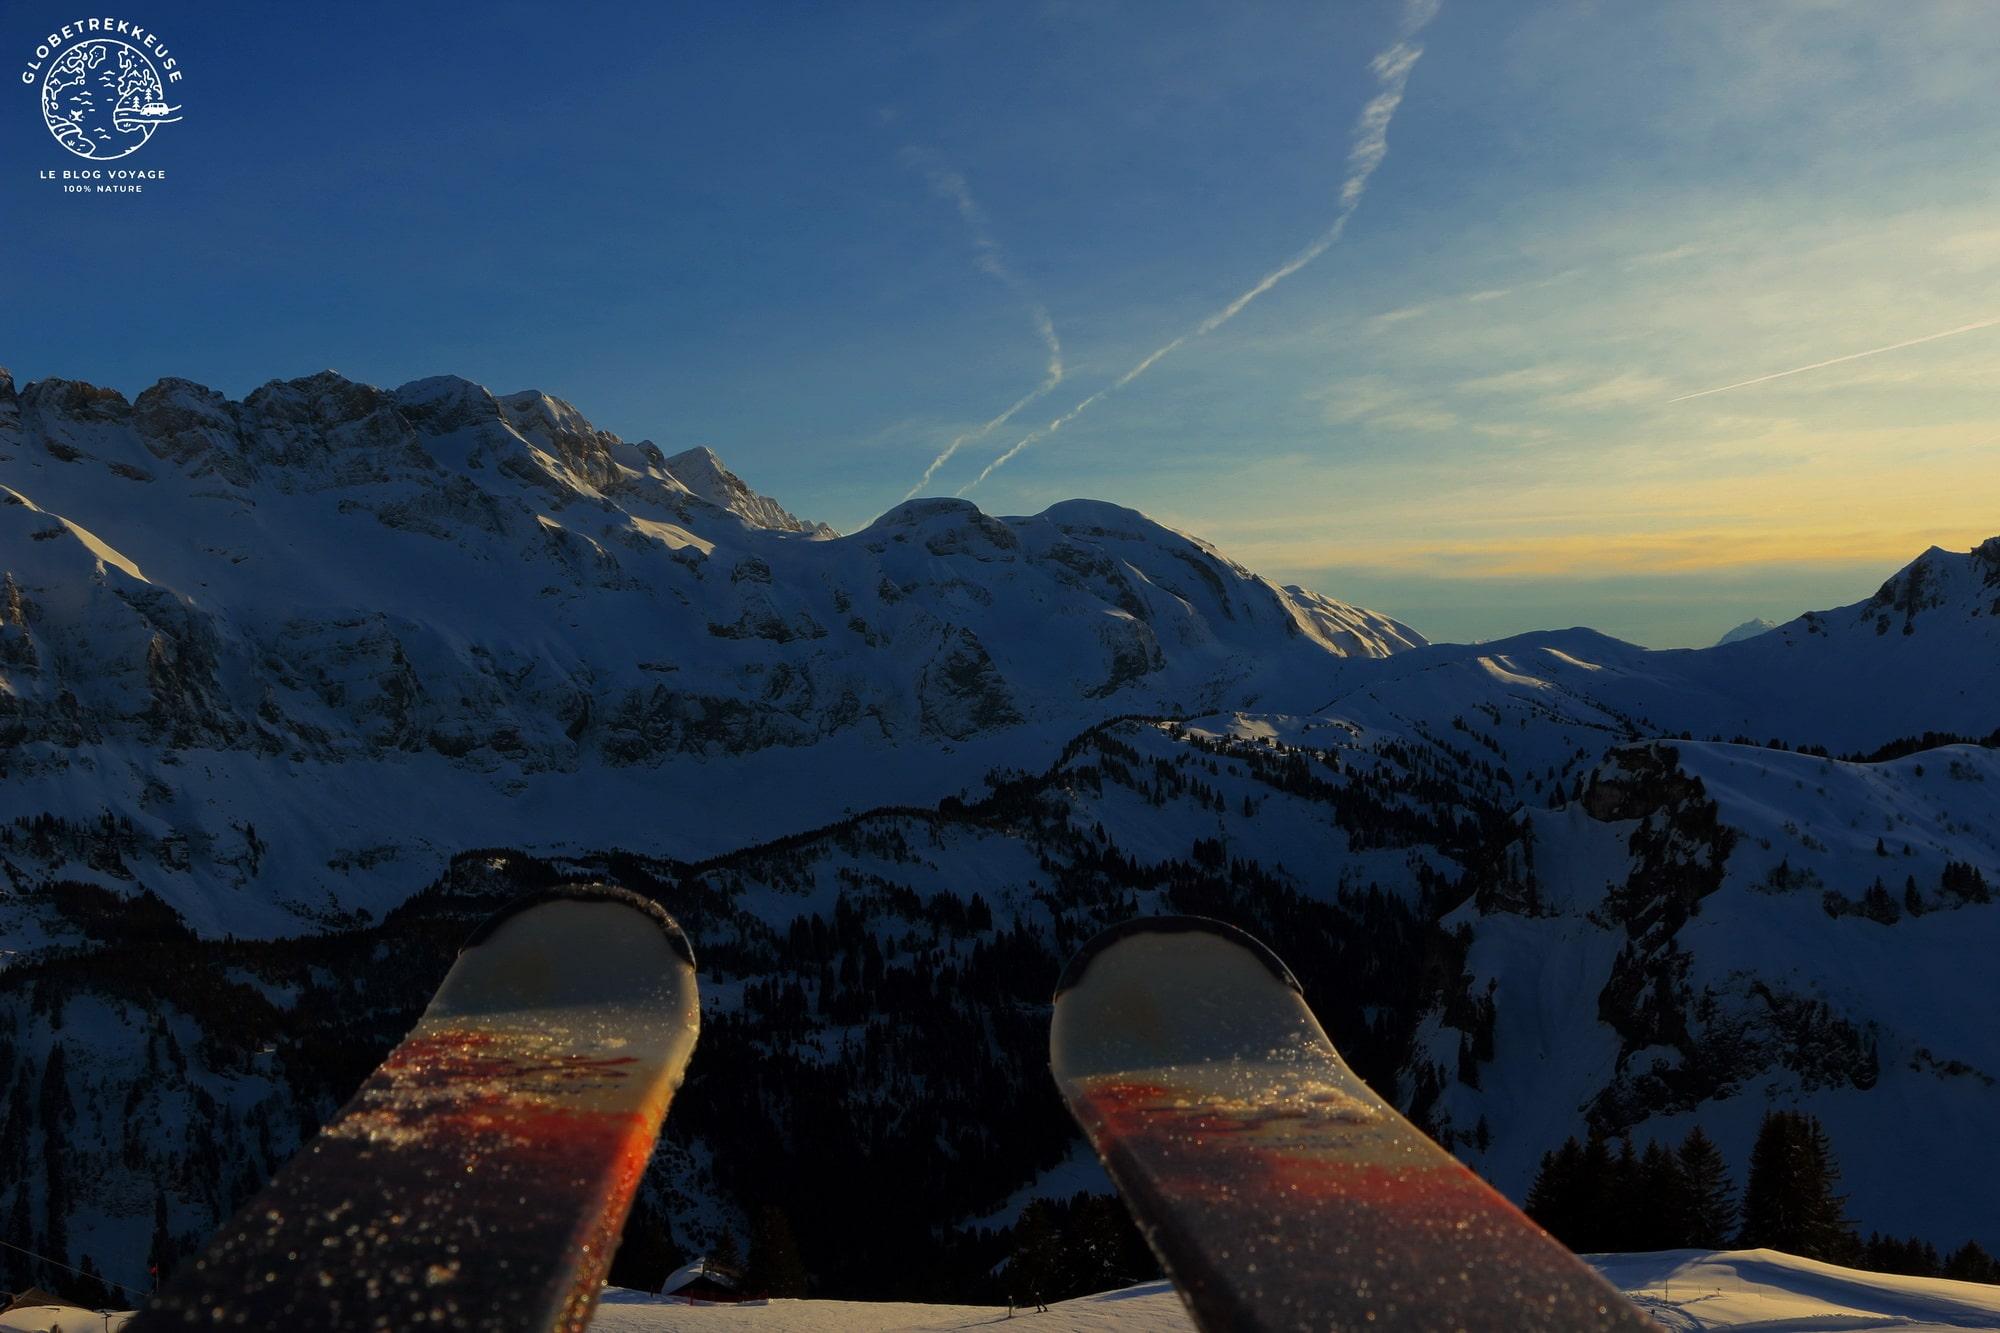 petzl actik core ski nocturne